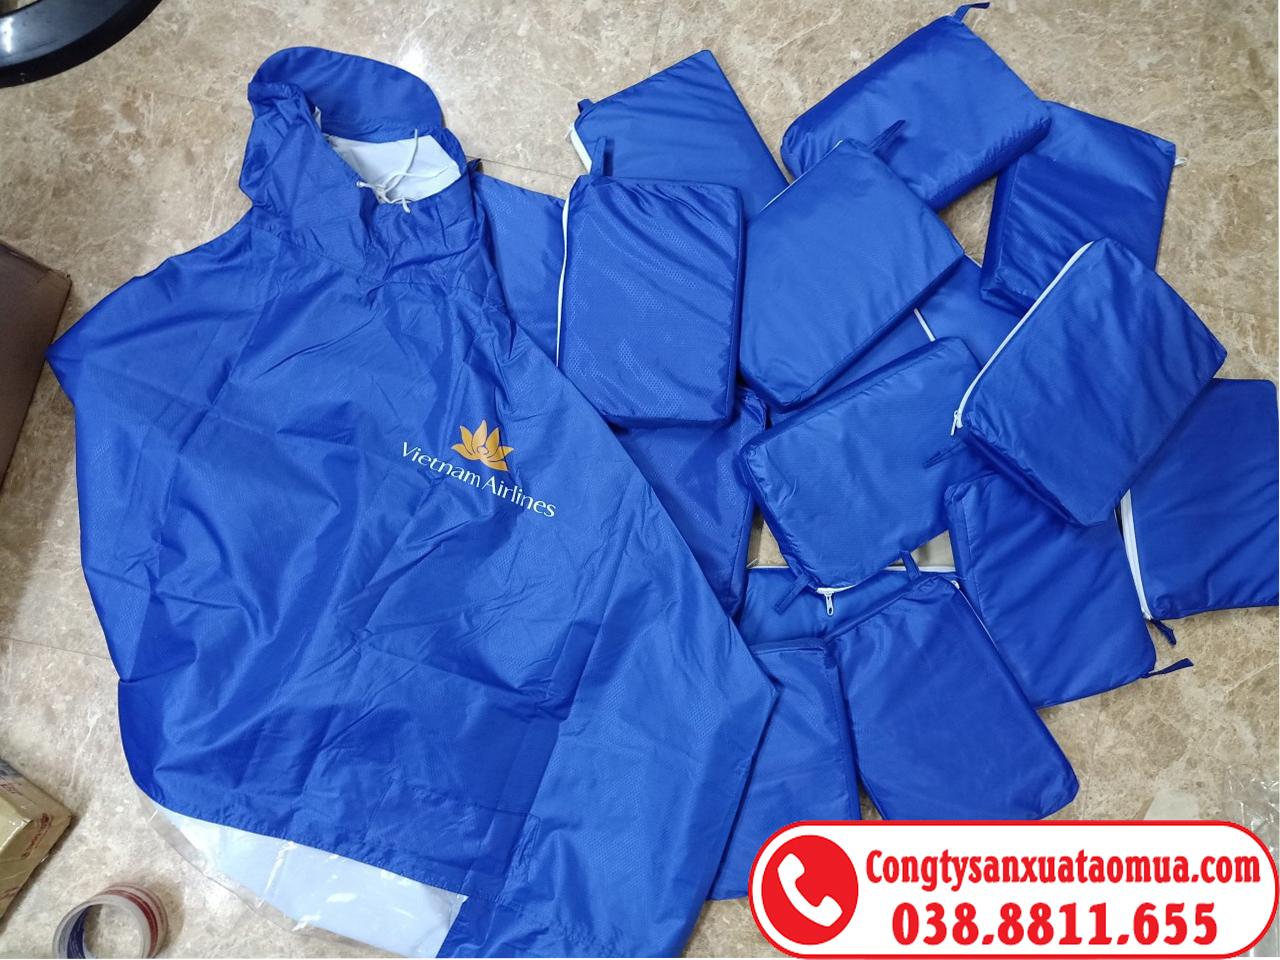 xưởng may áo mưa quà tặng hàng không